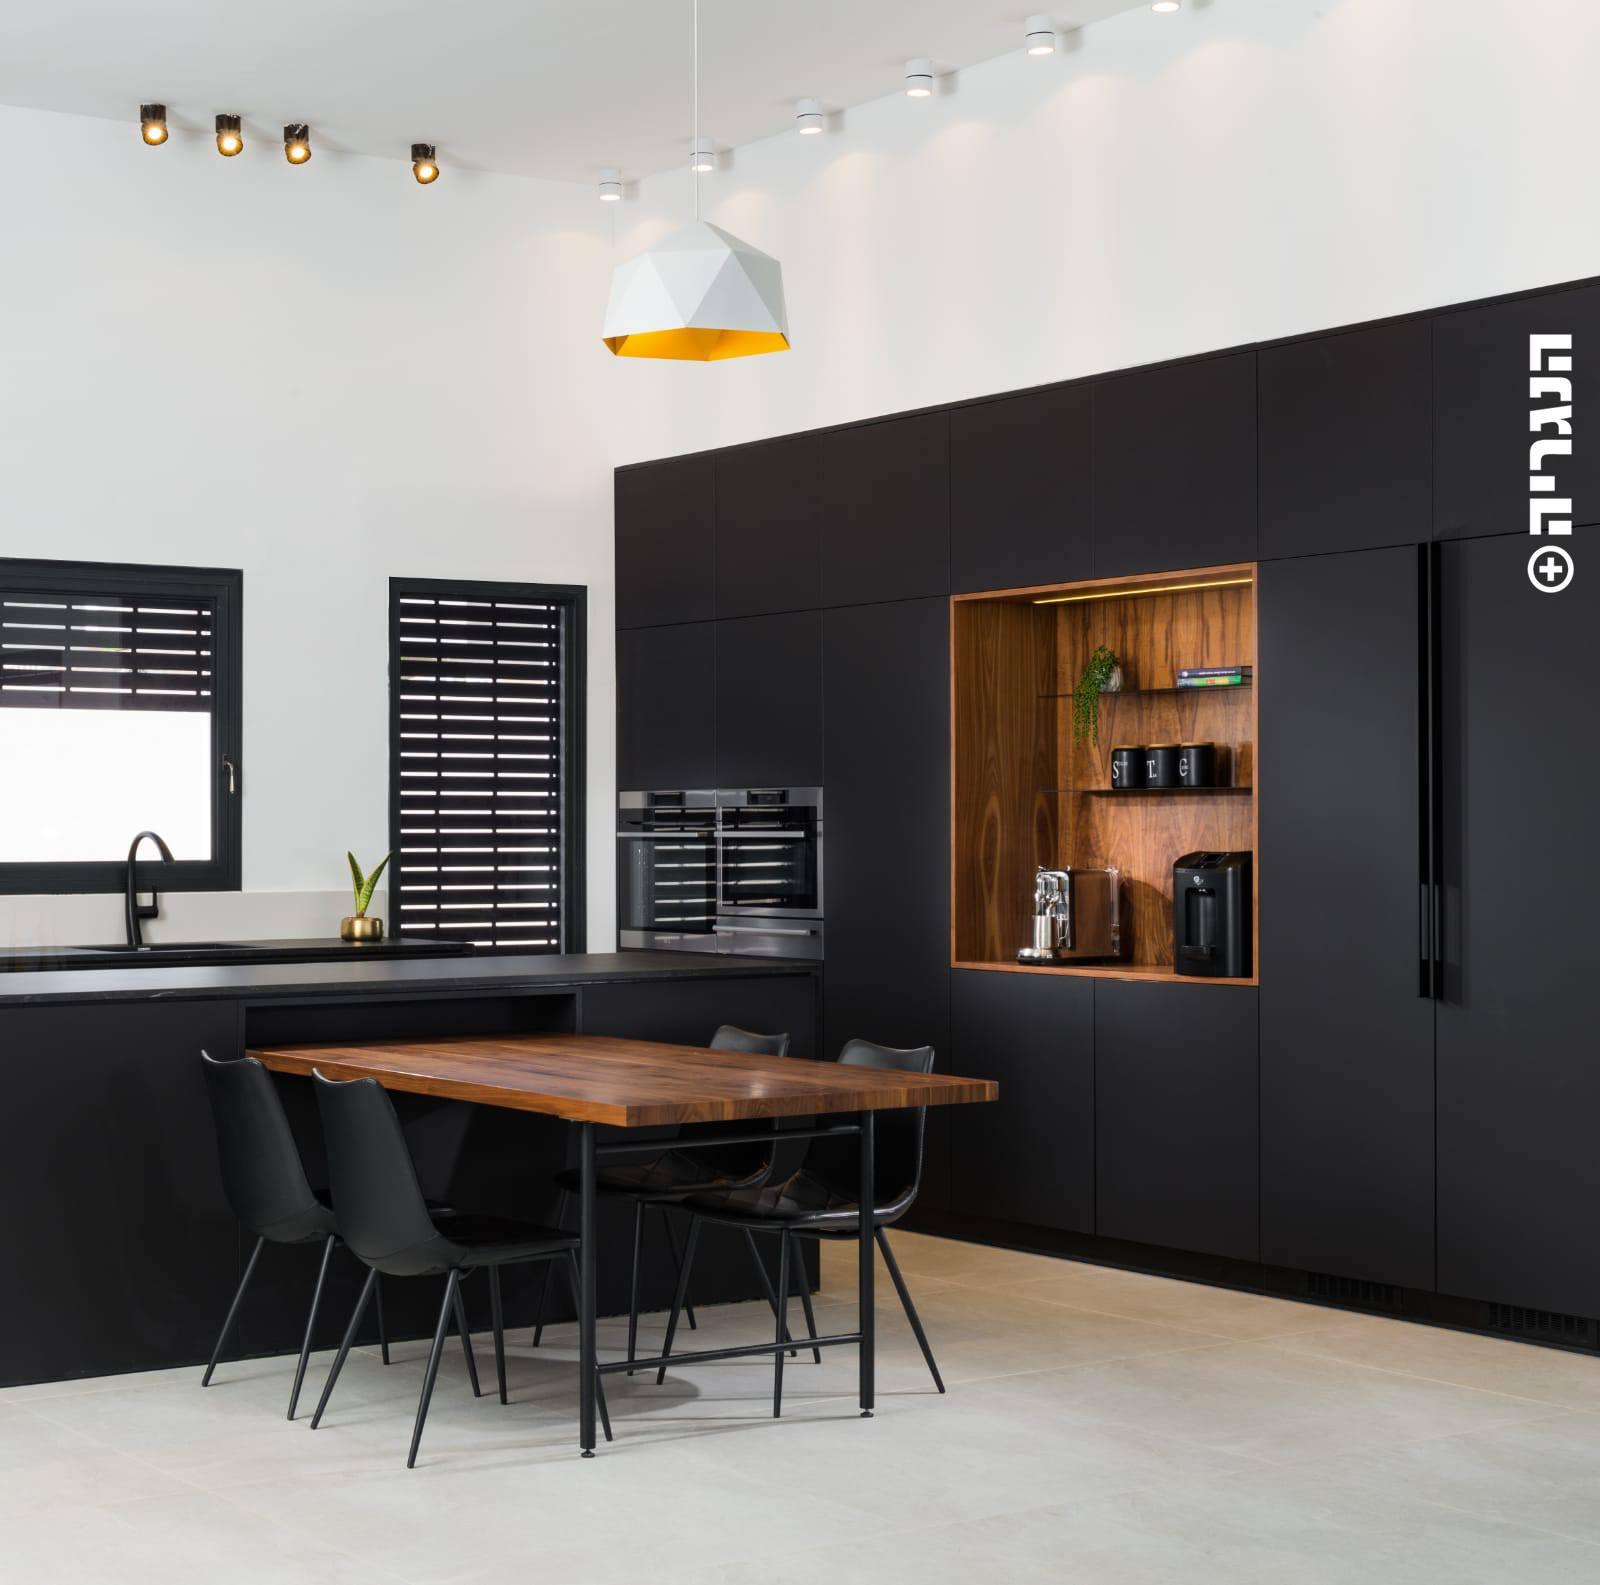 מטבח מודרני נאנו שחור ואגוז אמריקאי